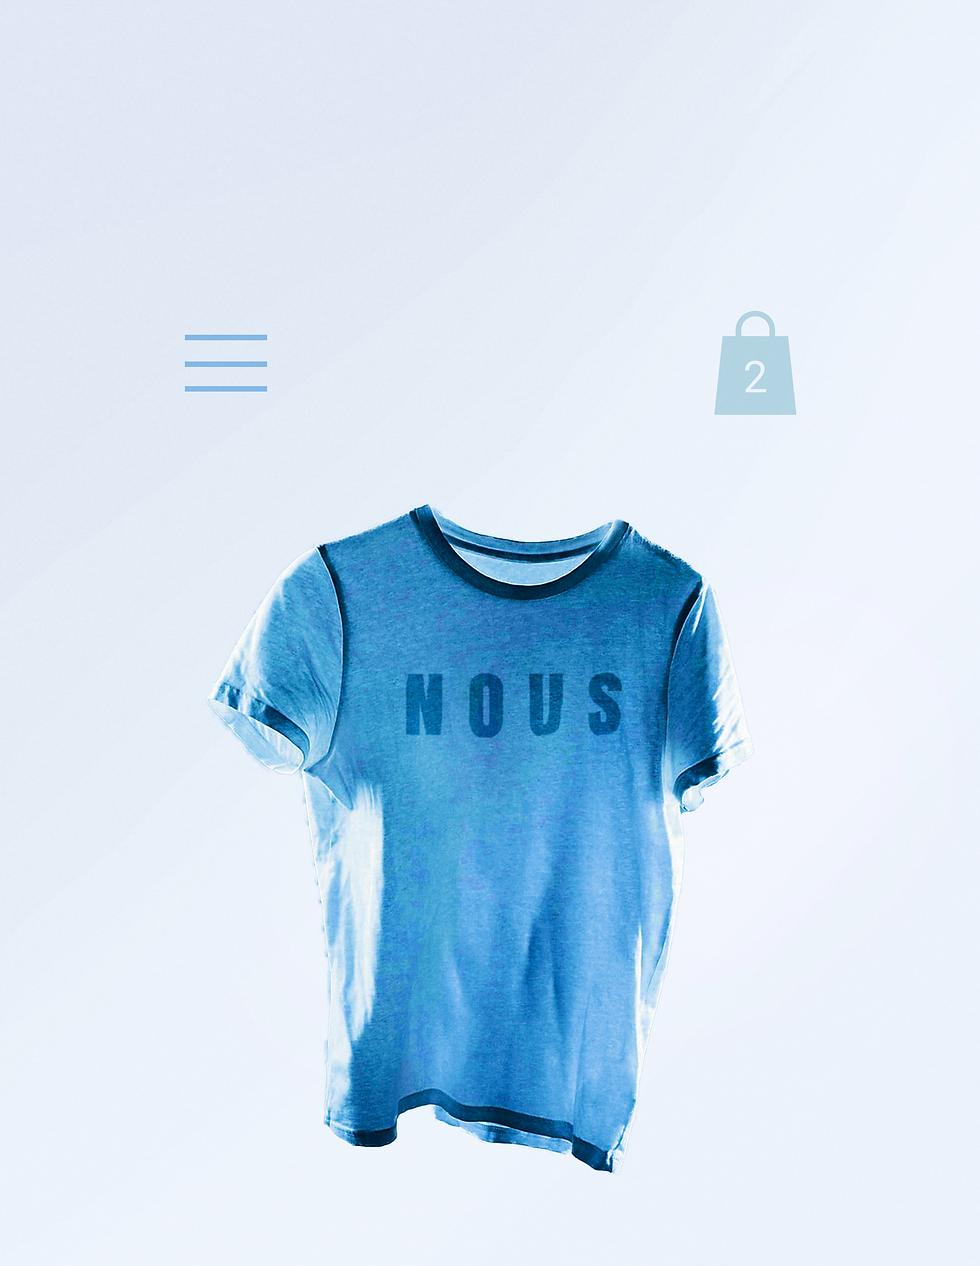 """Playera azul con la palabra """"Nous"""", de venta en una tienda en línea de Wix con un carrito de compra, íconos de menú y un botón de """"ordenar ahora"""""""